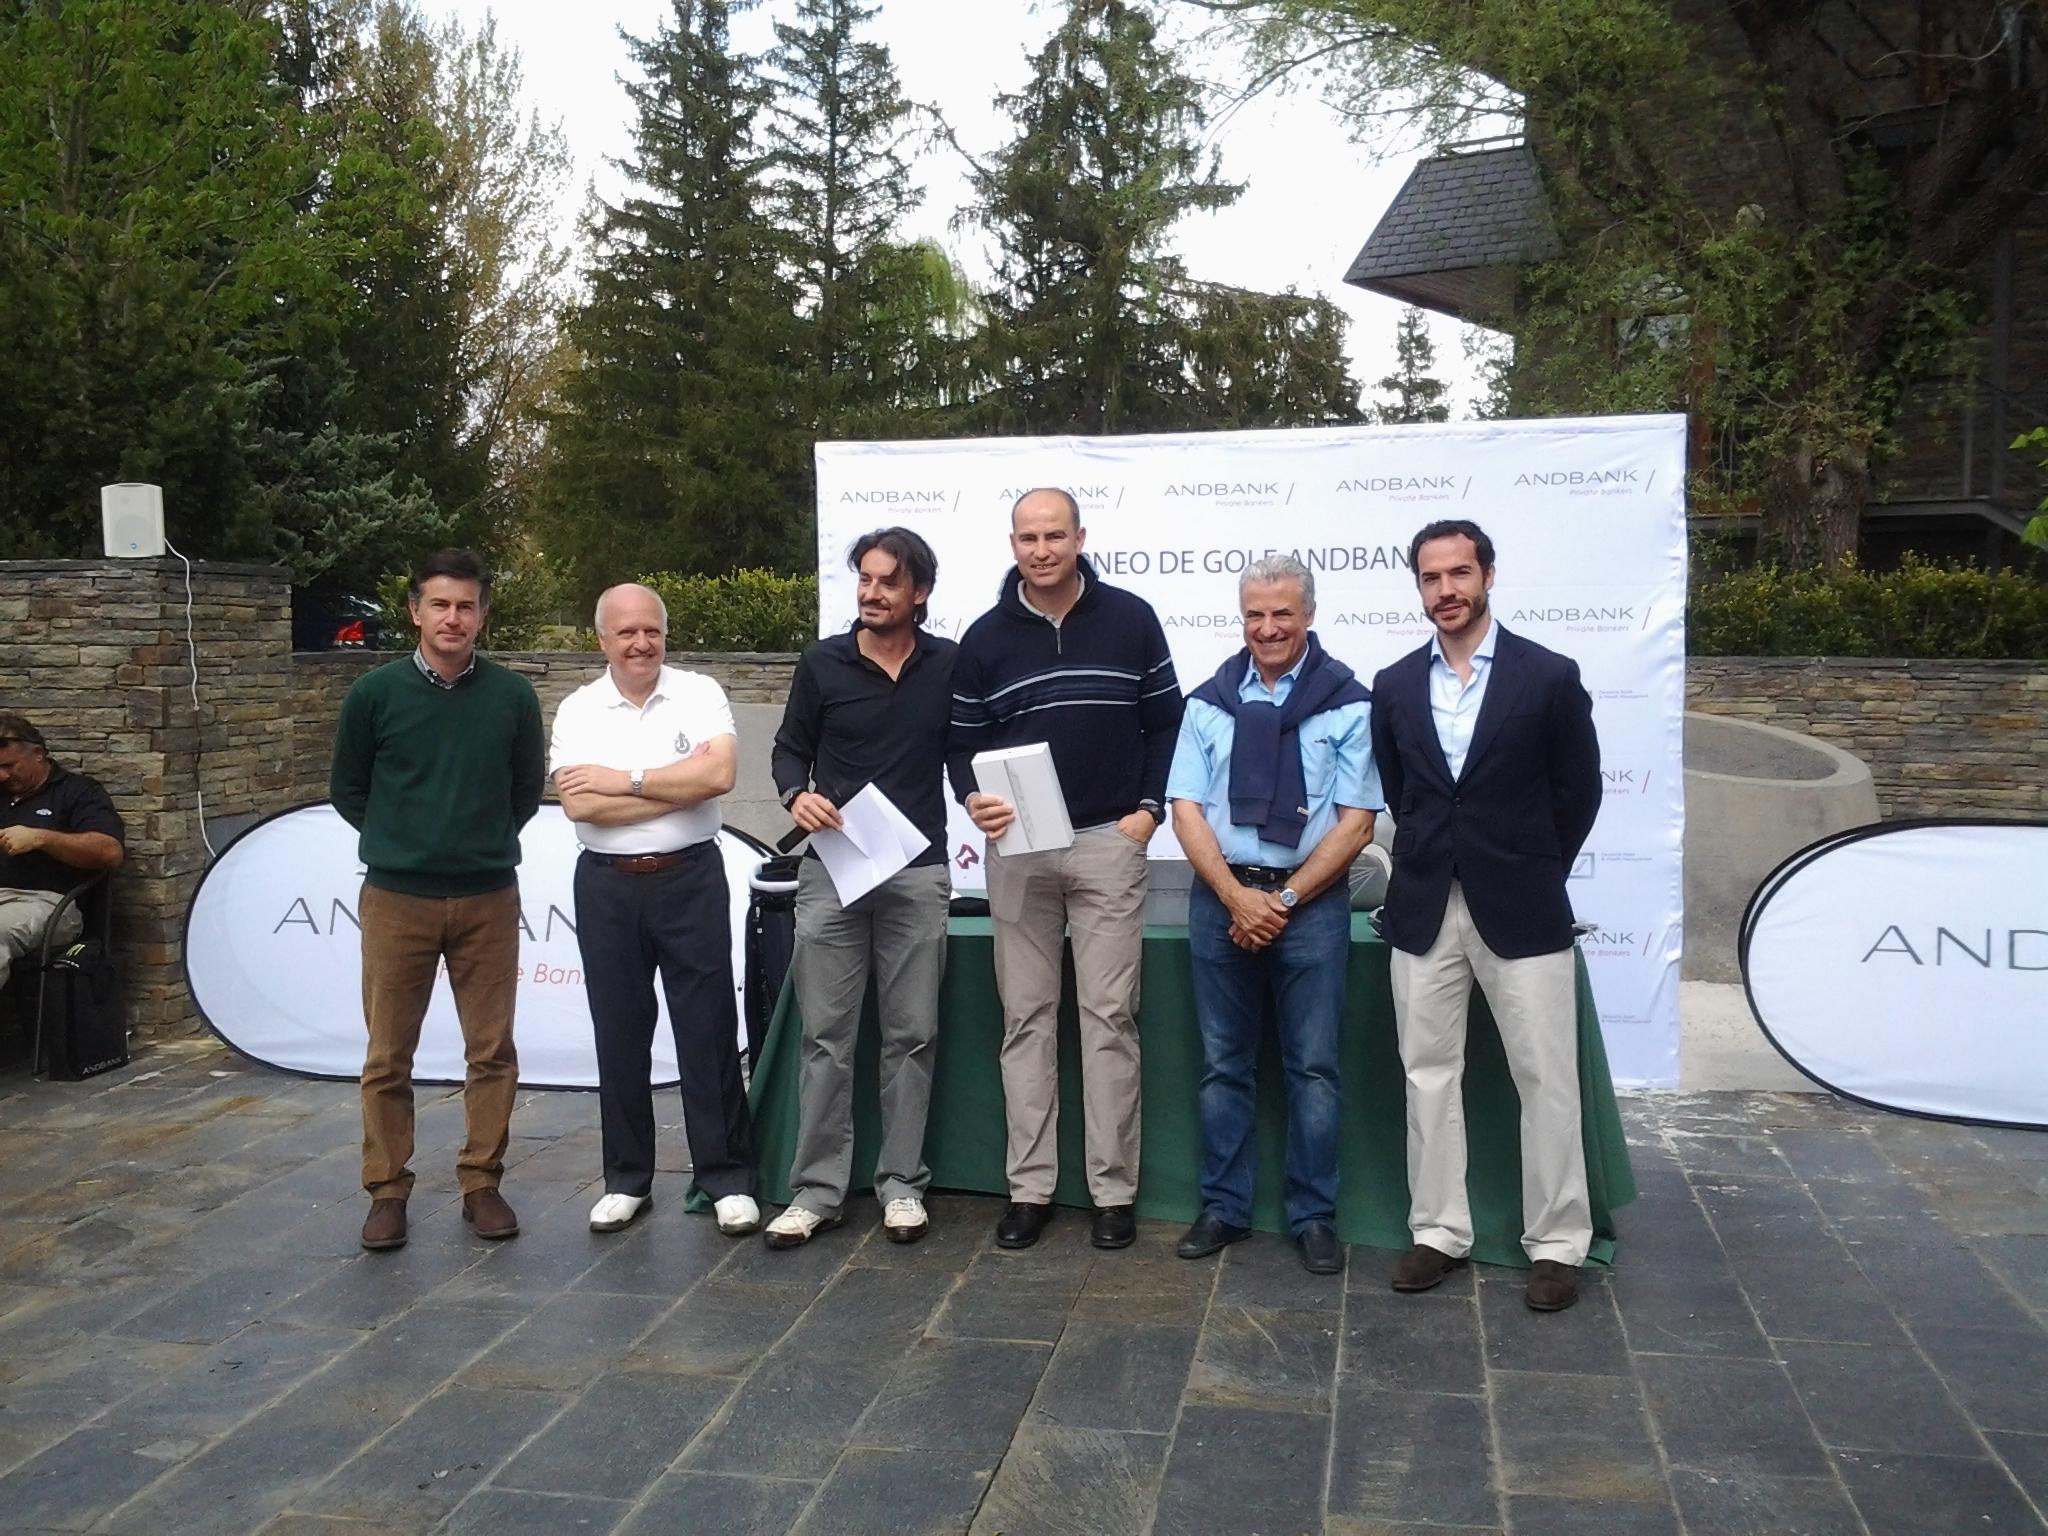 El Torneo de Golf Andbank reúne a más de 80 jugadores en Girona